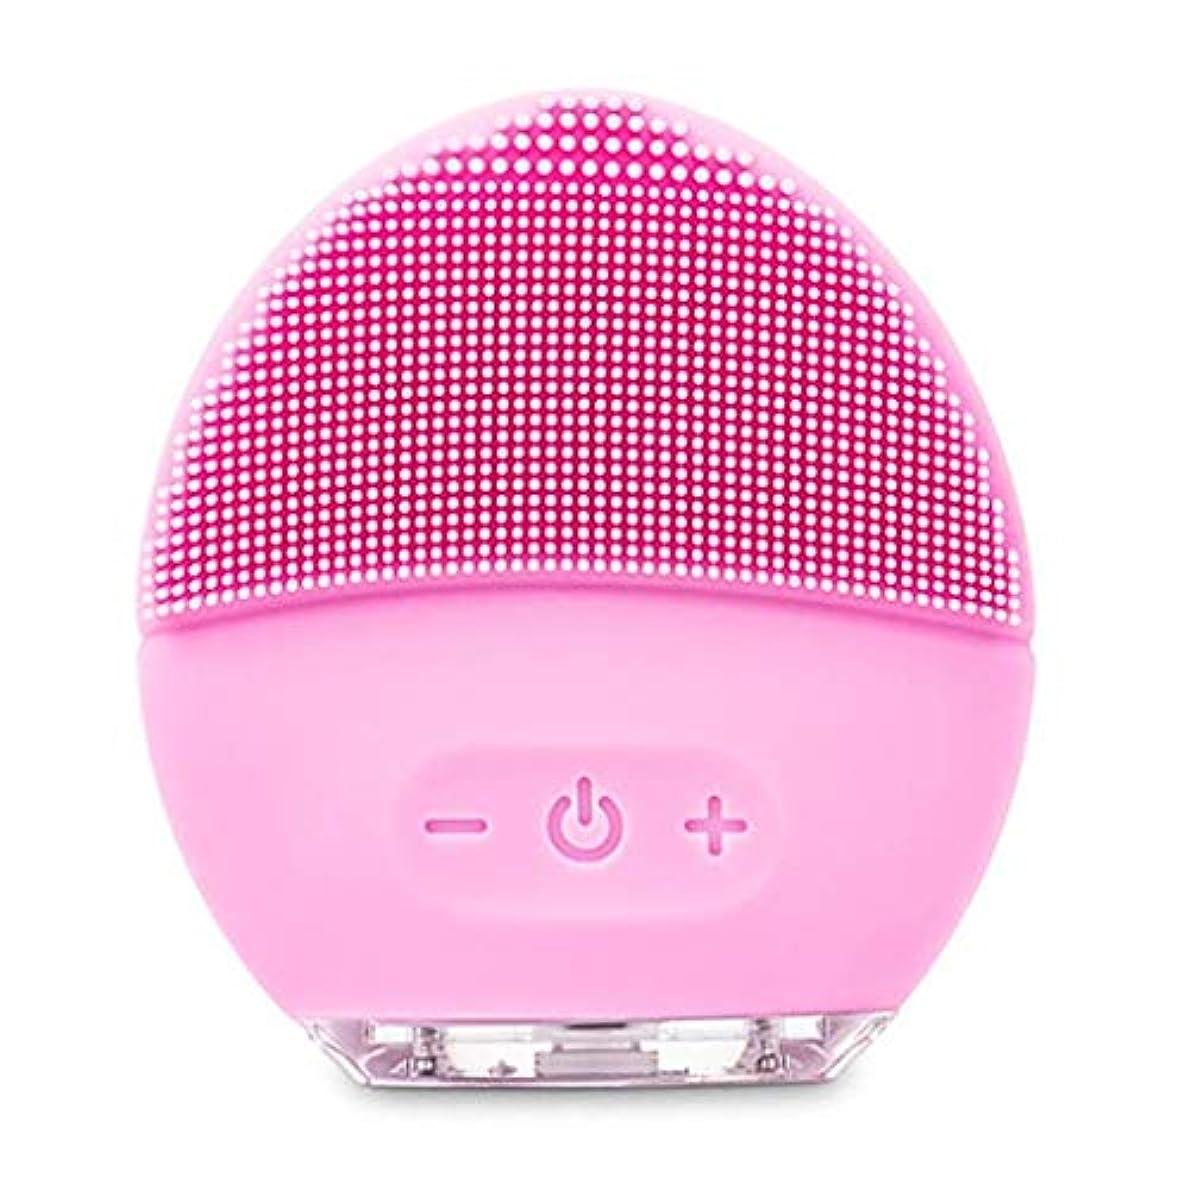 冷ややかな振動するパンサークレンジングマッサージ器、電動洗顔ブラシ、シリコーン美顔器、ファーミング肌、アンチエイジングスクラッチクレンザー (Color : ピンク, Size : One size)